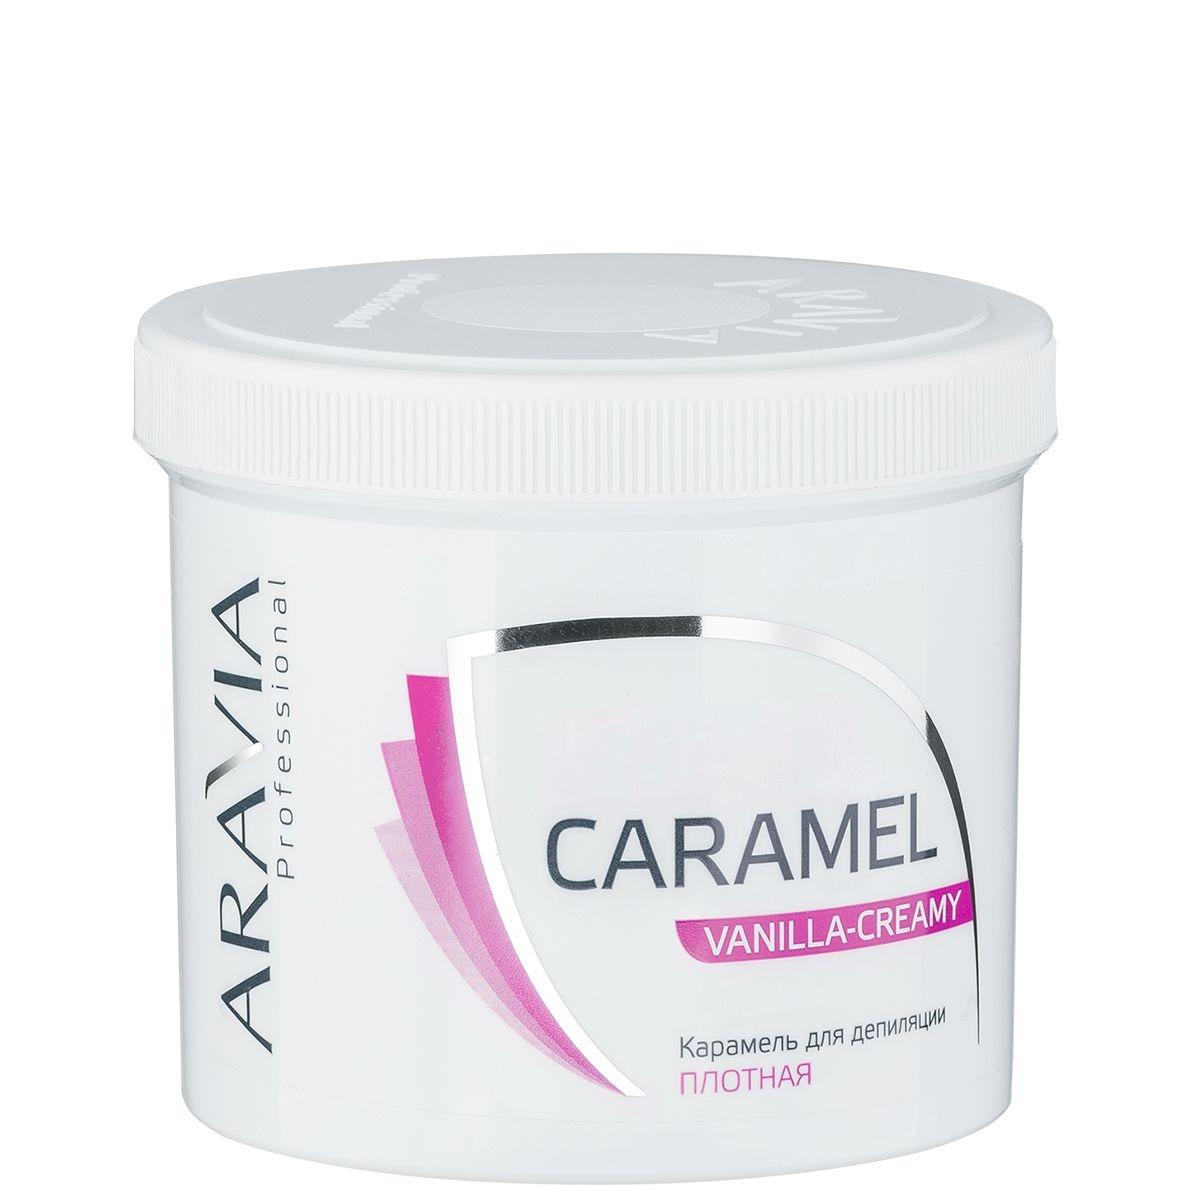 ARAVIA Карамель Caramel Vanilla Creamy для Депиляции Ванильно-Сливочная Плотной Консистенции, 750 гр